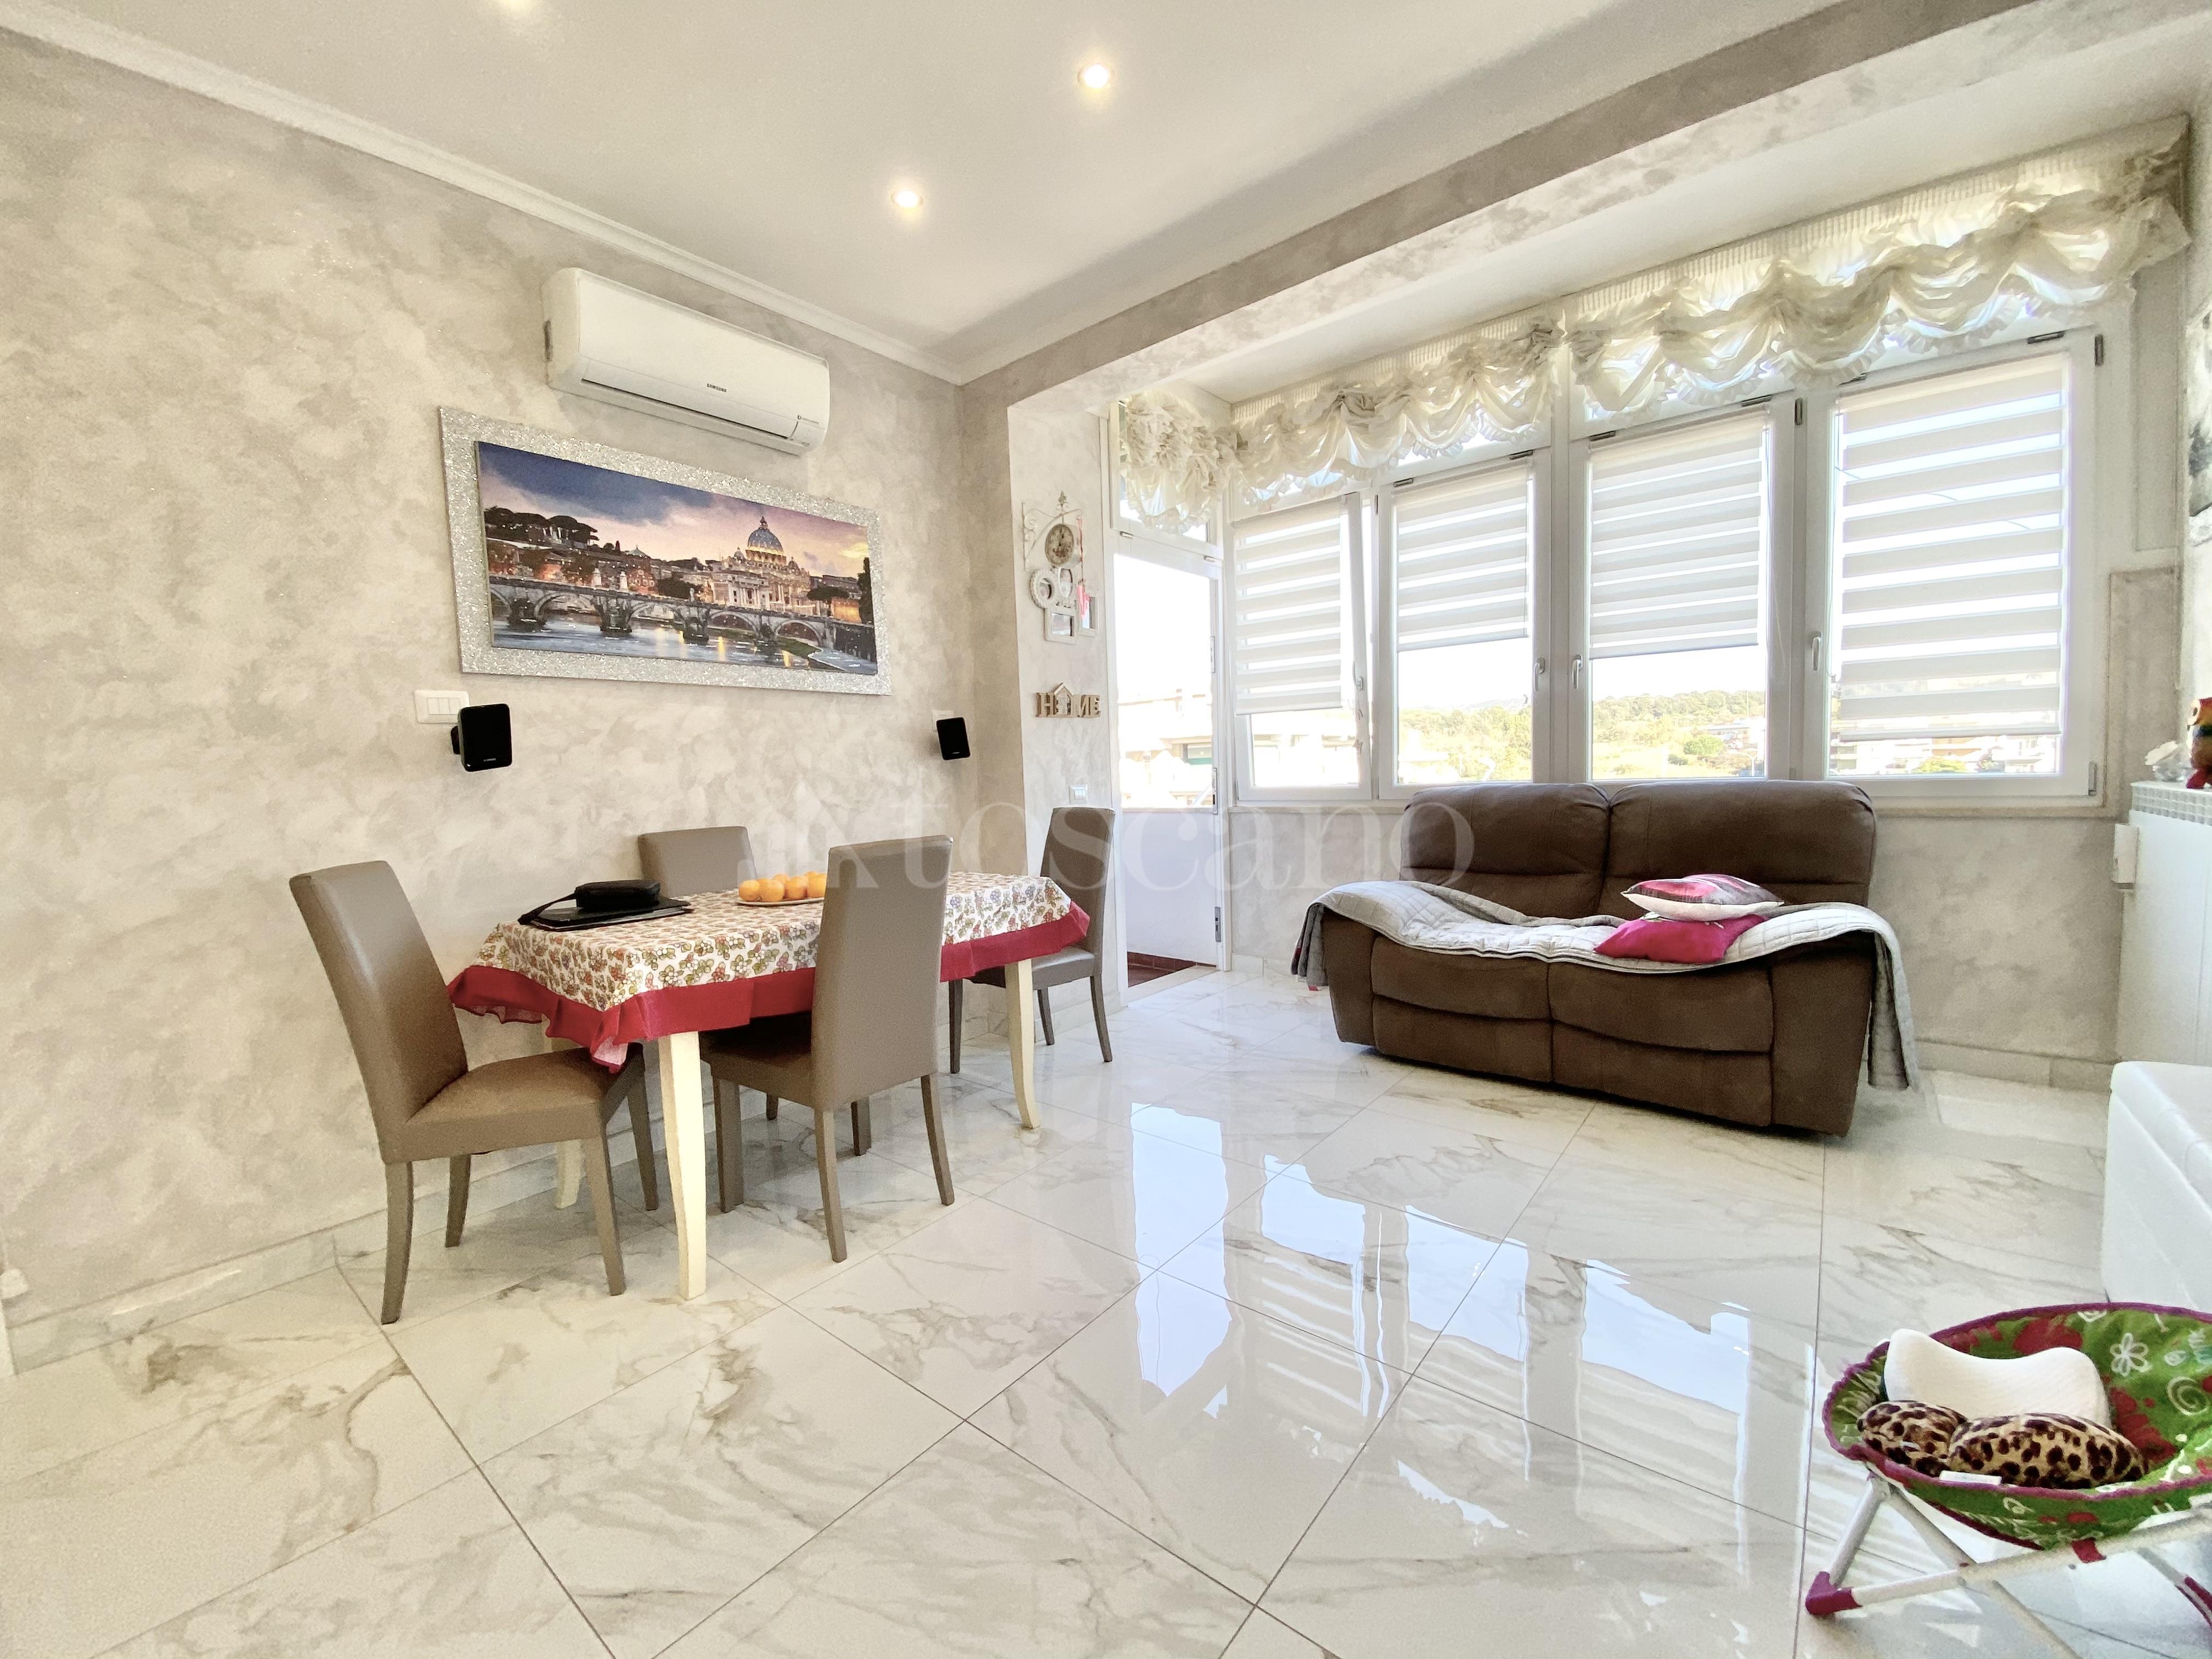 vendita Casa a Cerveteri in Viale Alessandro Manzoni 56 ...